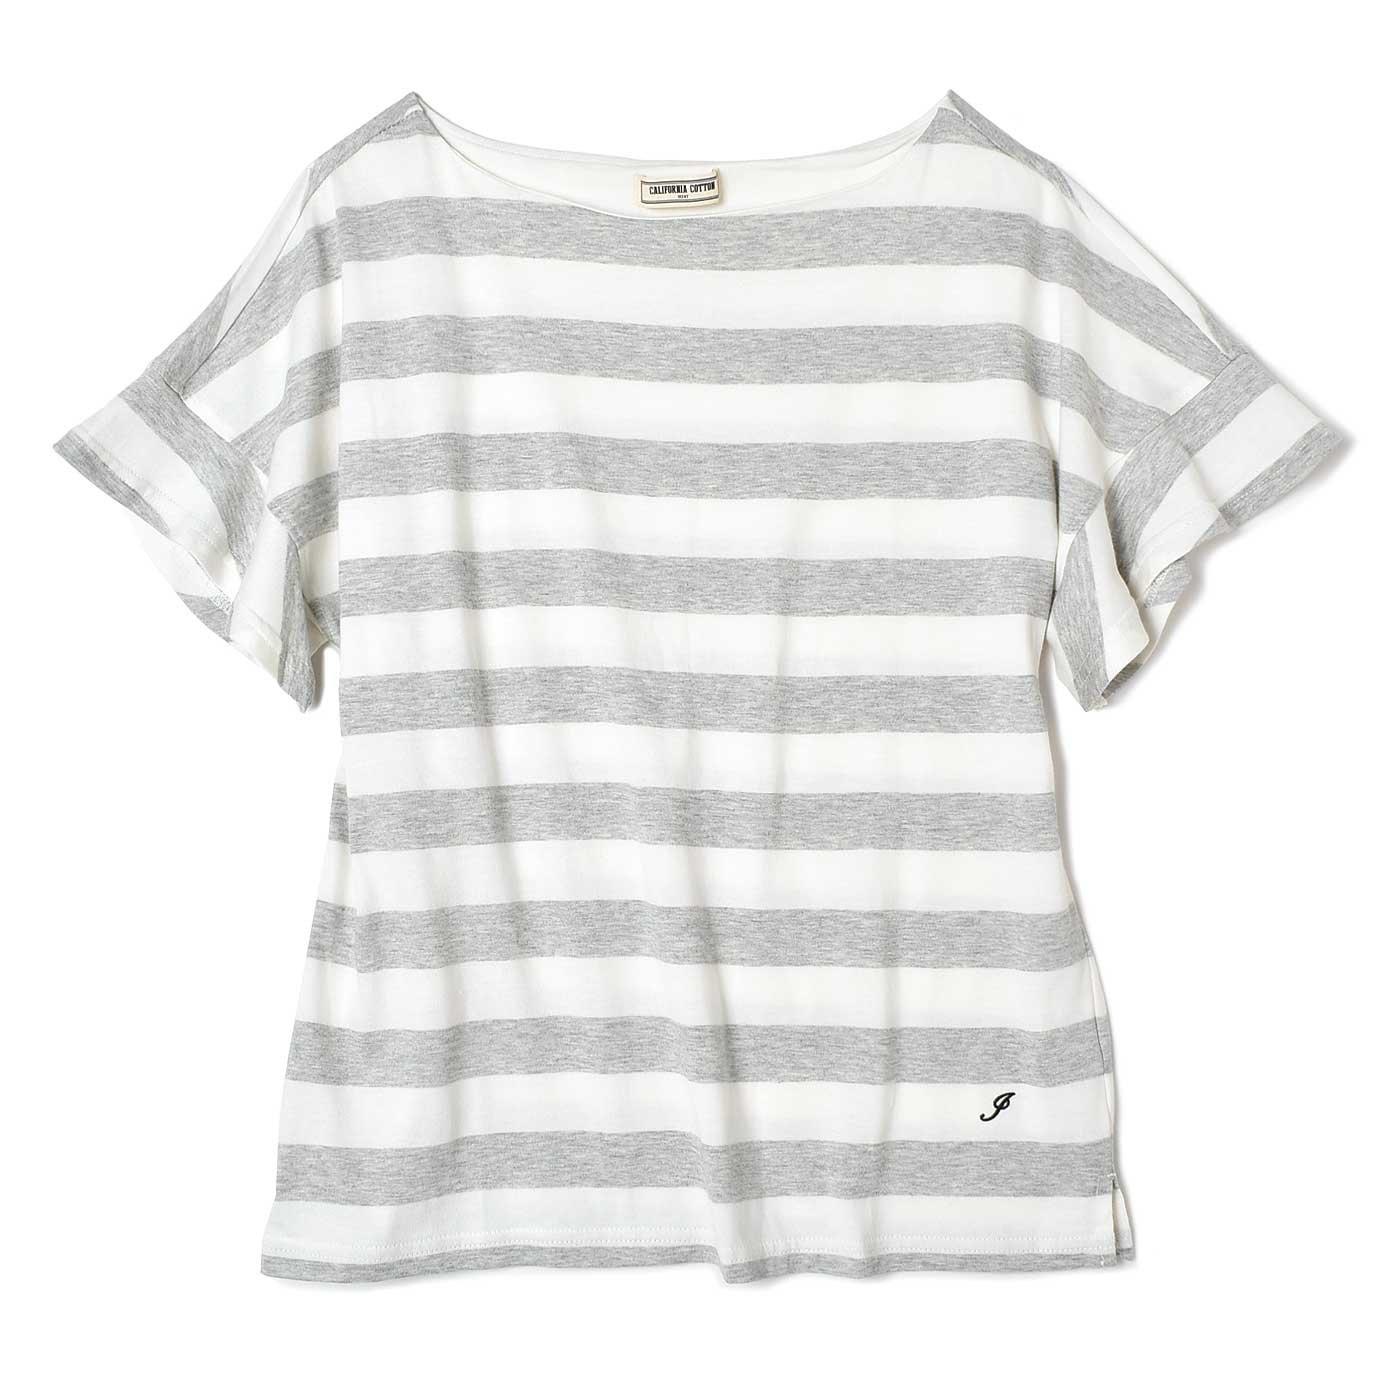 IEDIT  カリフォルニアコットンの太ボーダーTシャツ〈ライトグレー×ホワイト〉